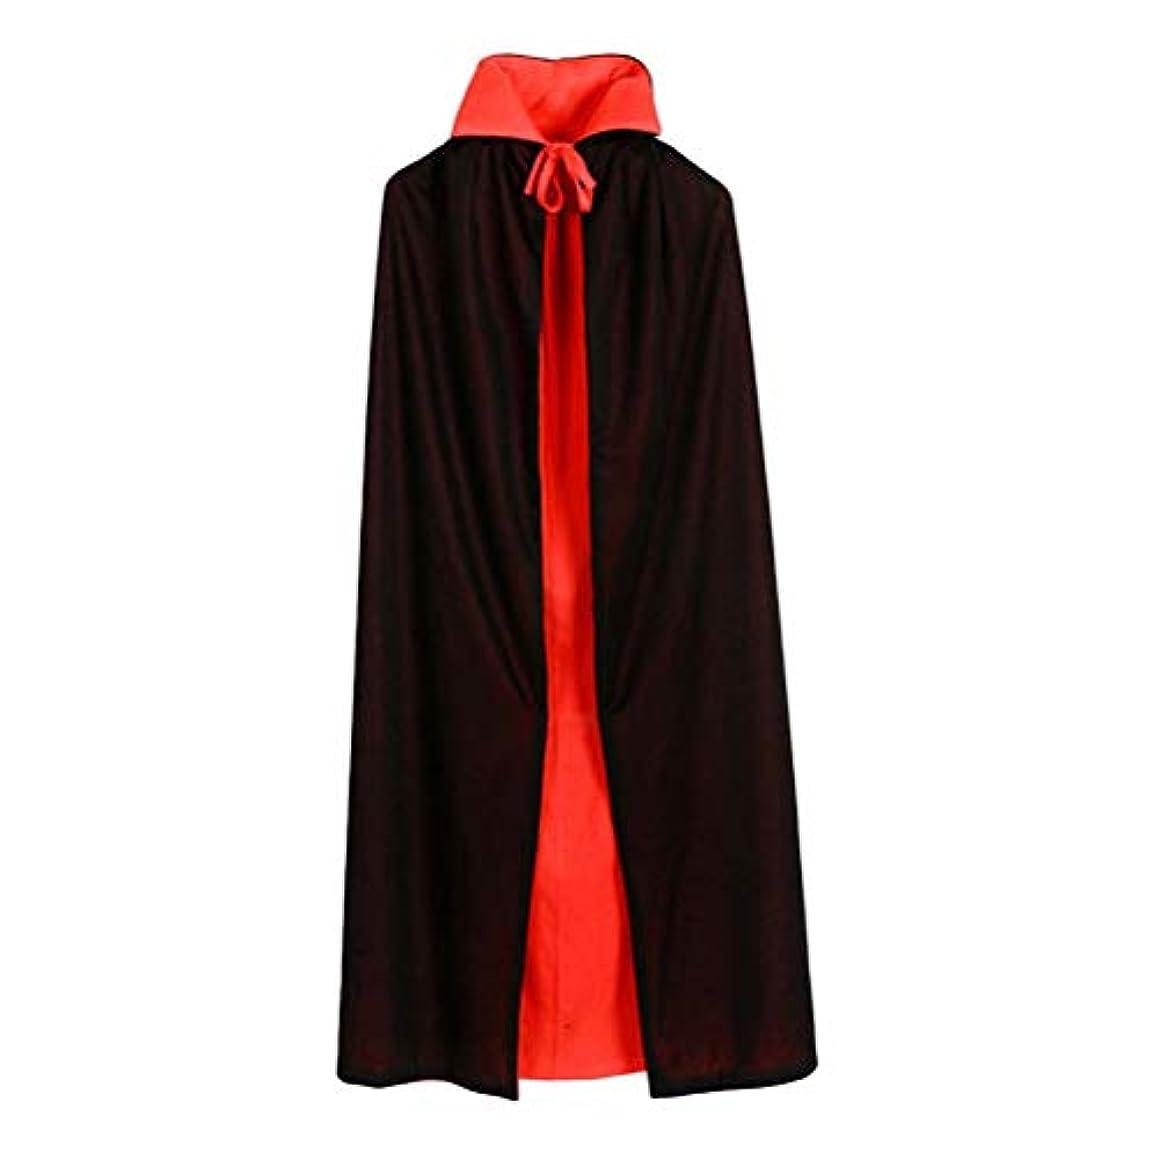 神の説教統計的Toyvian ヴァンパイアマント二重層黒と赤のフード付きマントヴァンパイアコスチュームコスプレケープは男の子と女の子のためにドレスアップ(90cmストレートカラーダブルマント)